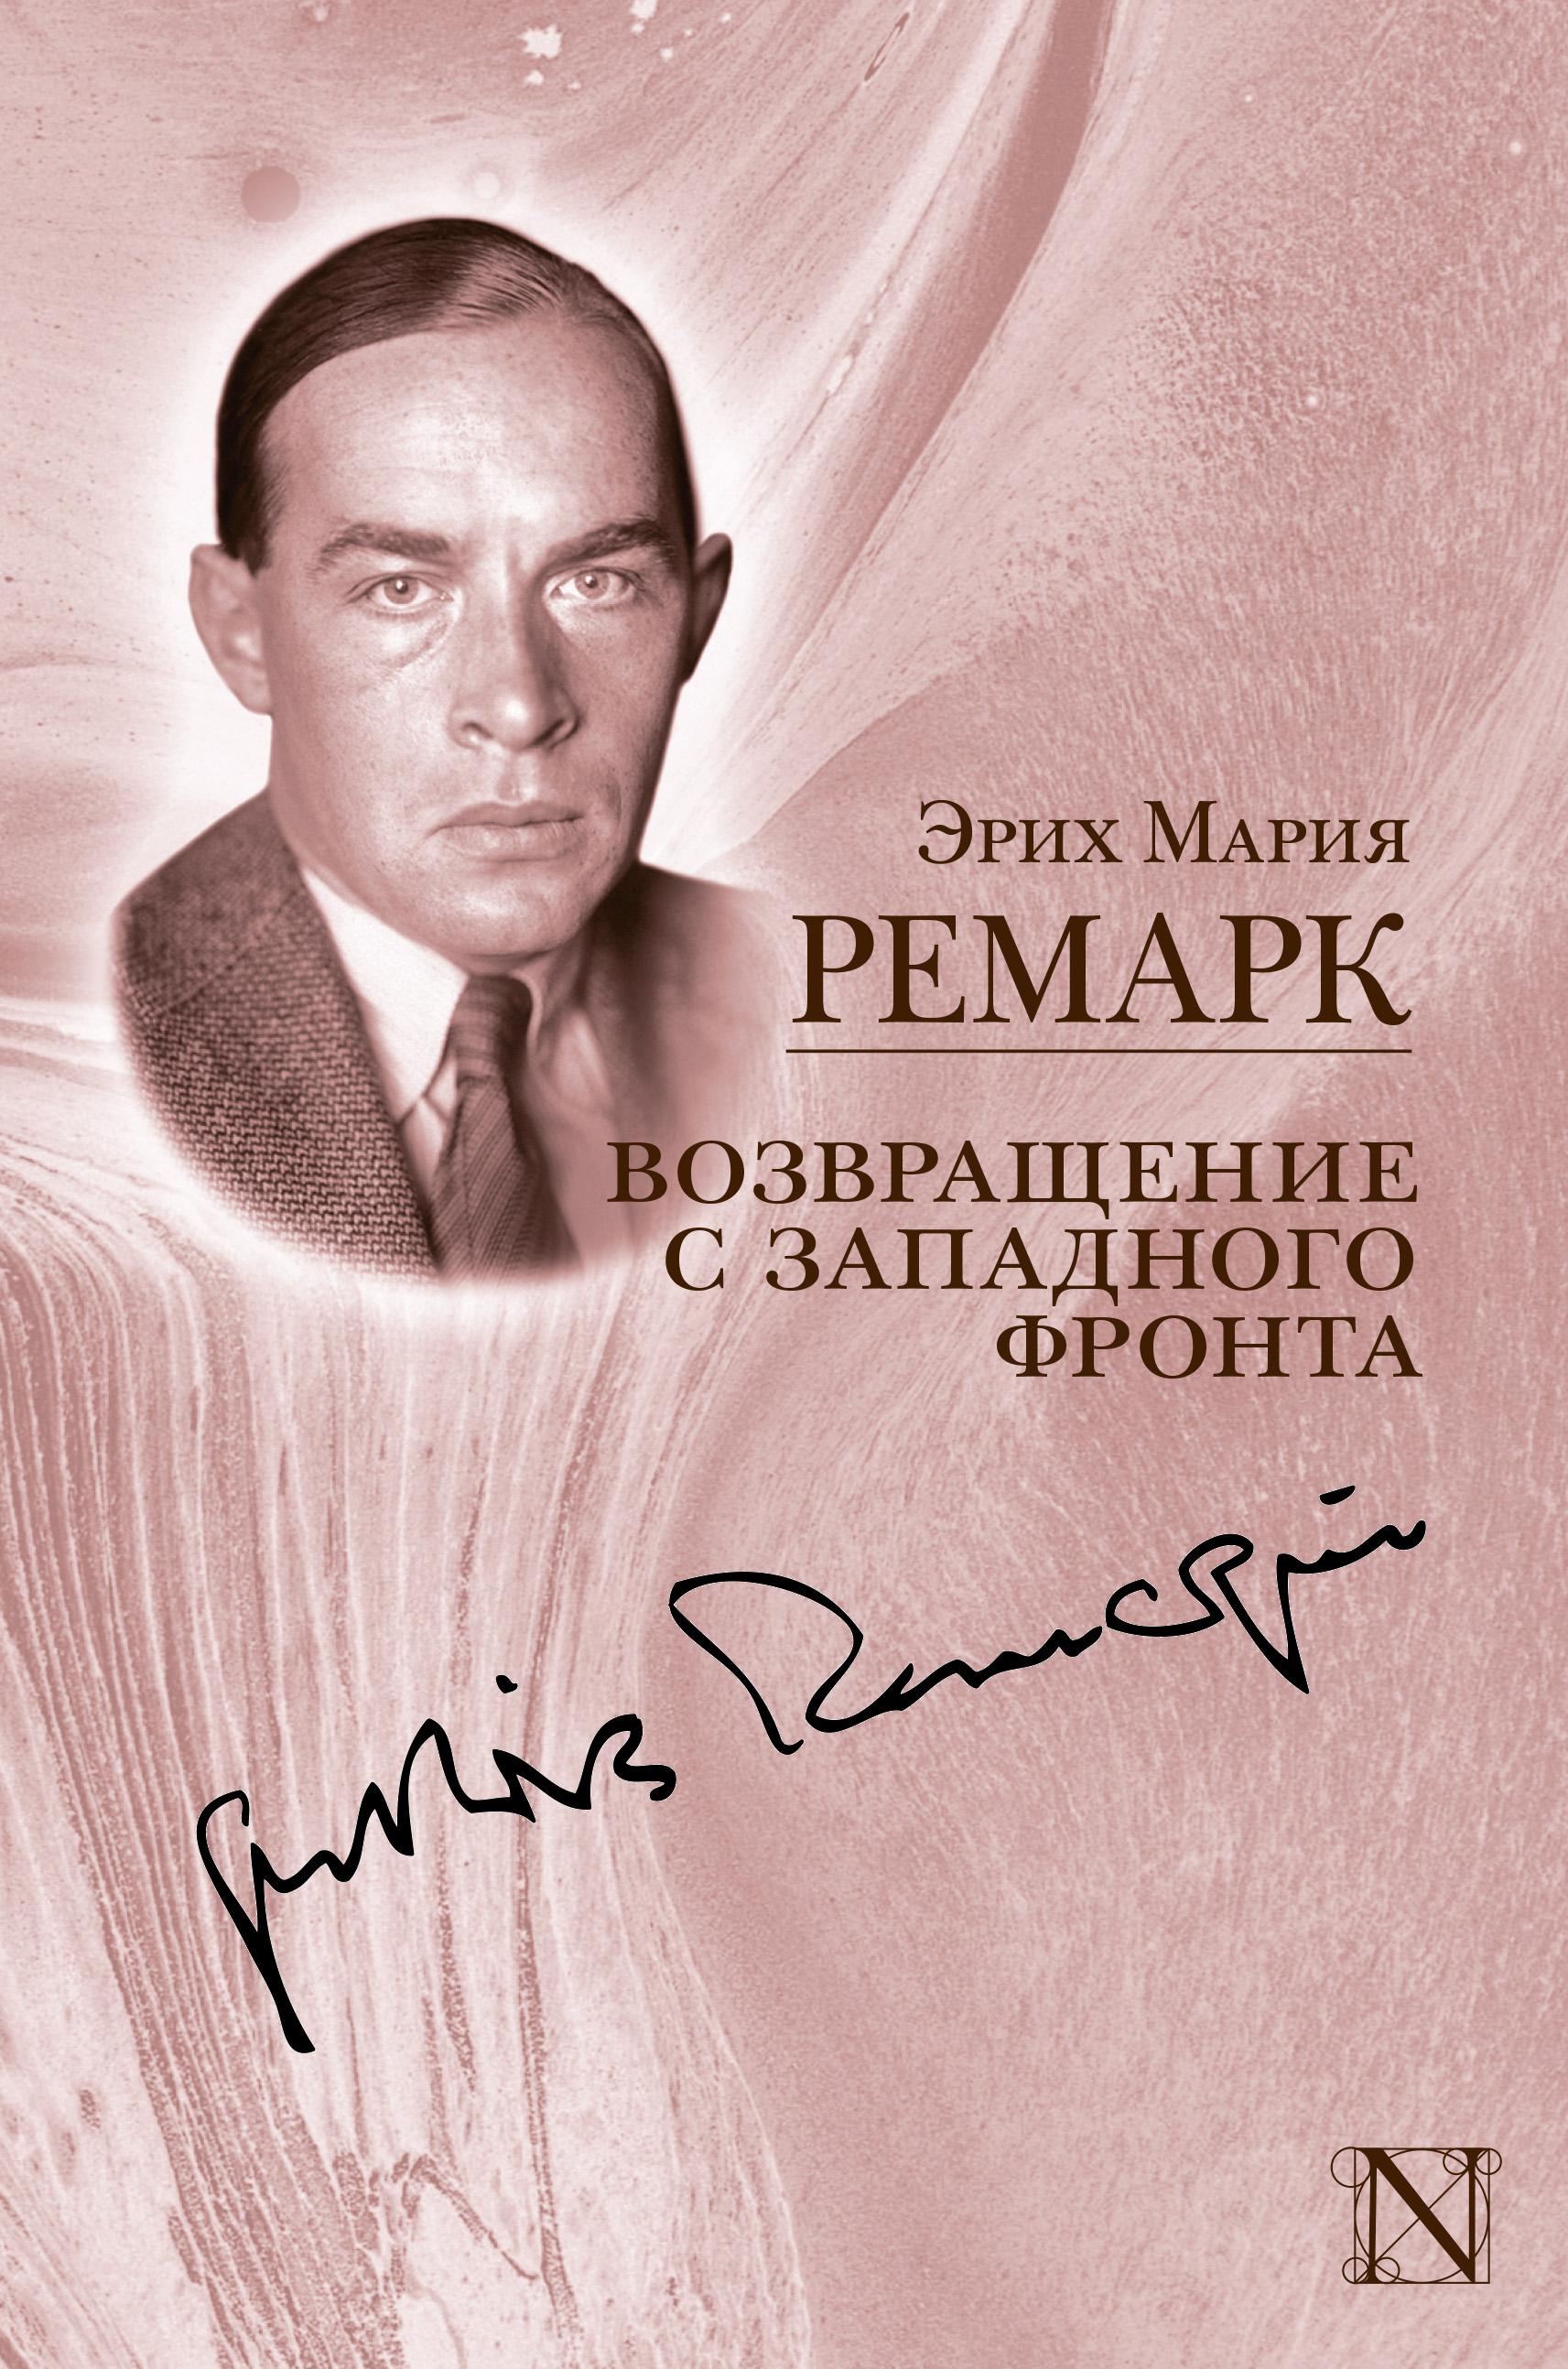 Эрих Мария Ремарк Возвращение с Западного фронта (сборник)